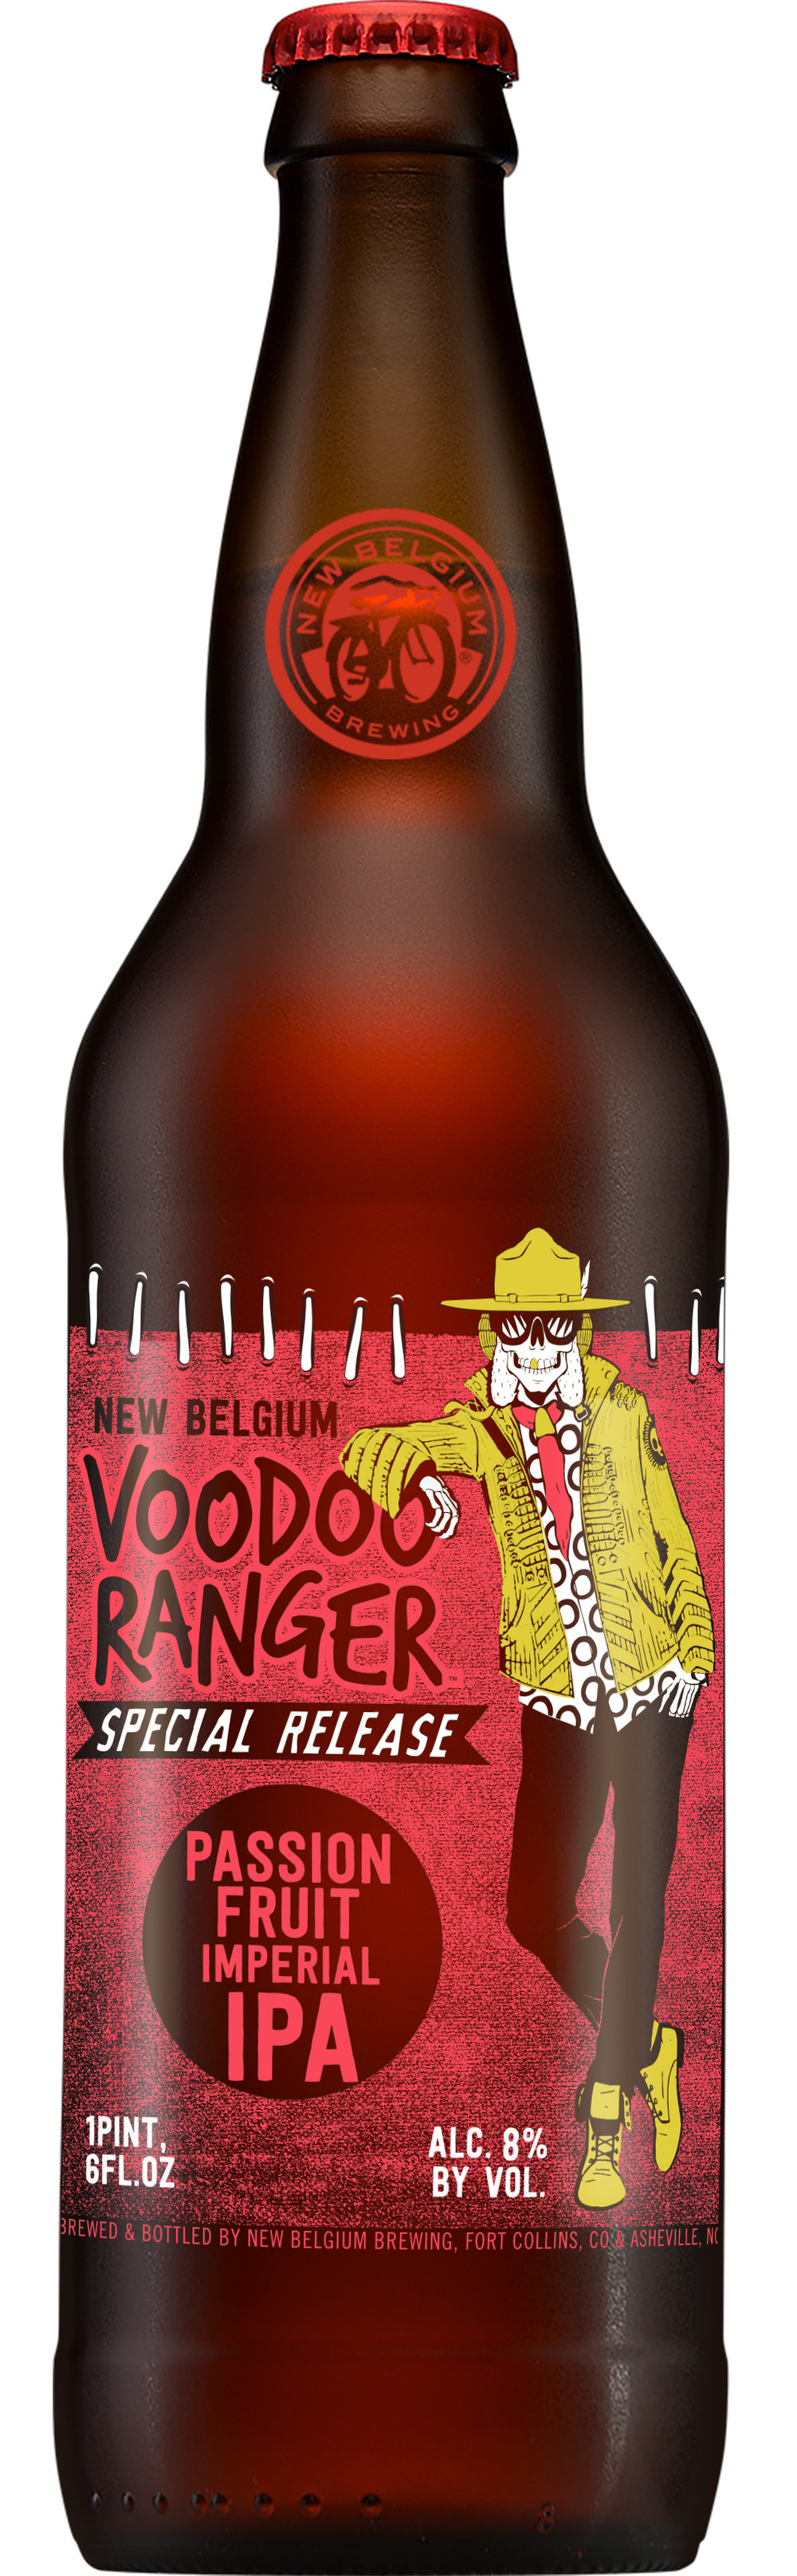 New Belgium Juicy Haze Ipa The Northwest Beer Guide